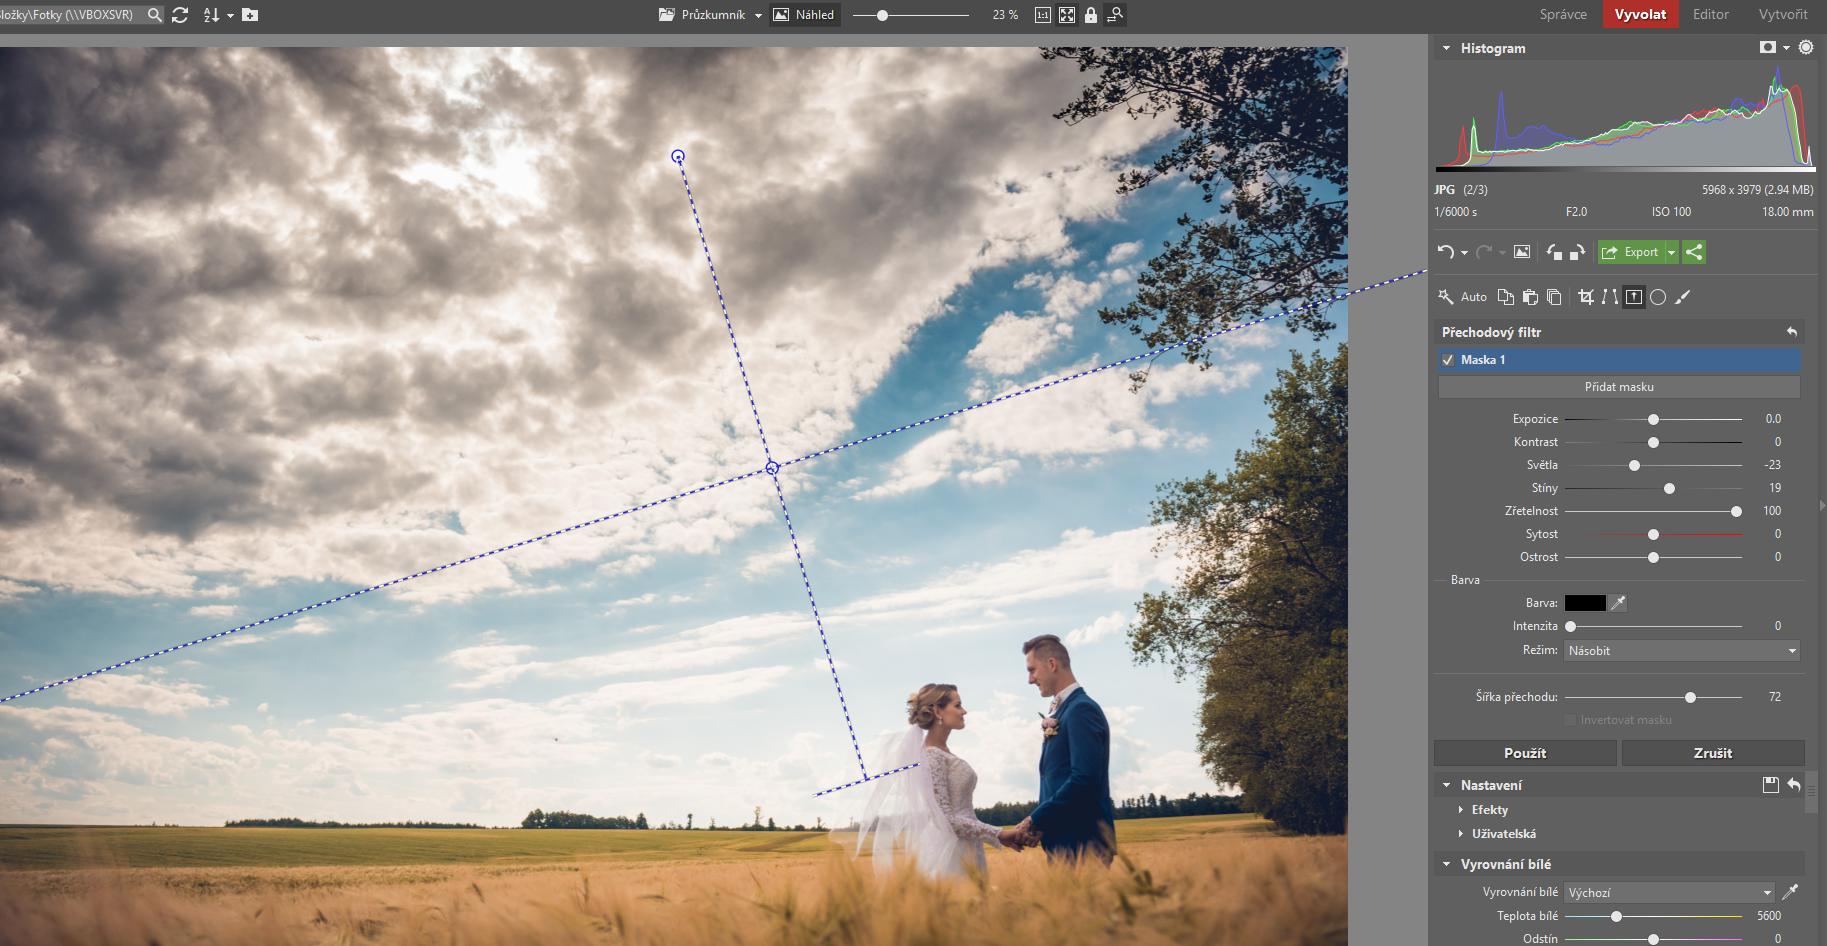 выделение верхней части с облаками с использованием фильтра перехода